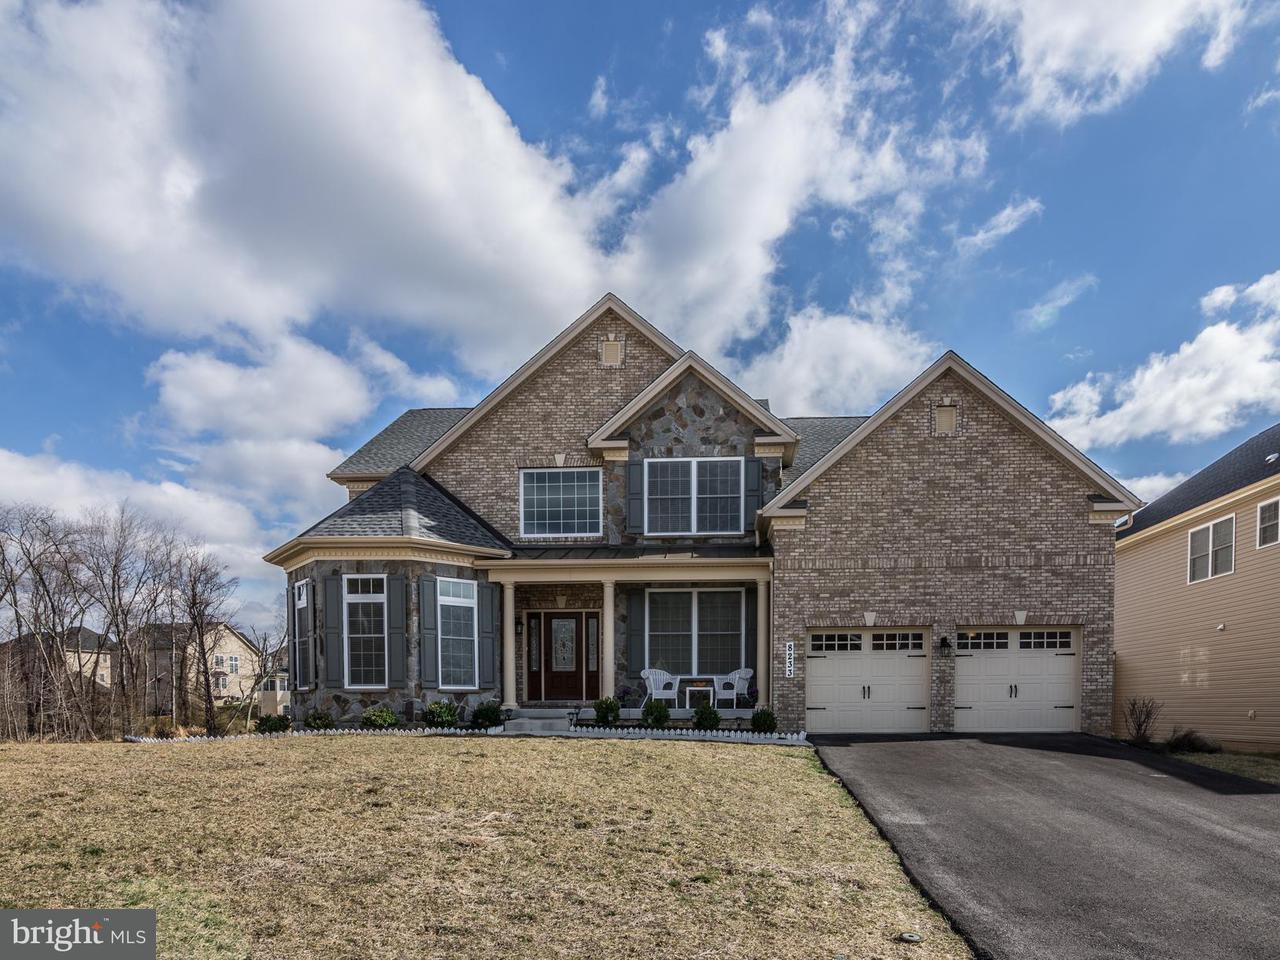 獨棟家庭住宅 為 出售 在 8233 Saint Francis Drive 8233 Saint Francis Drive Severn, 馬里蘭州 21144 美國